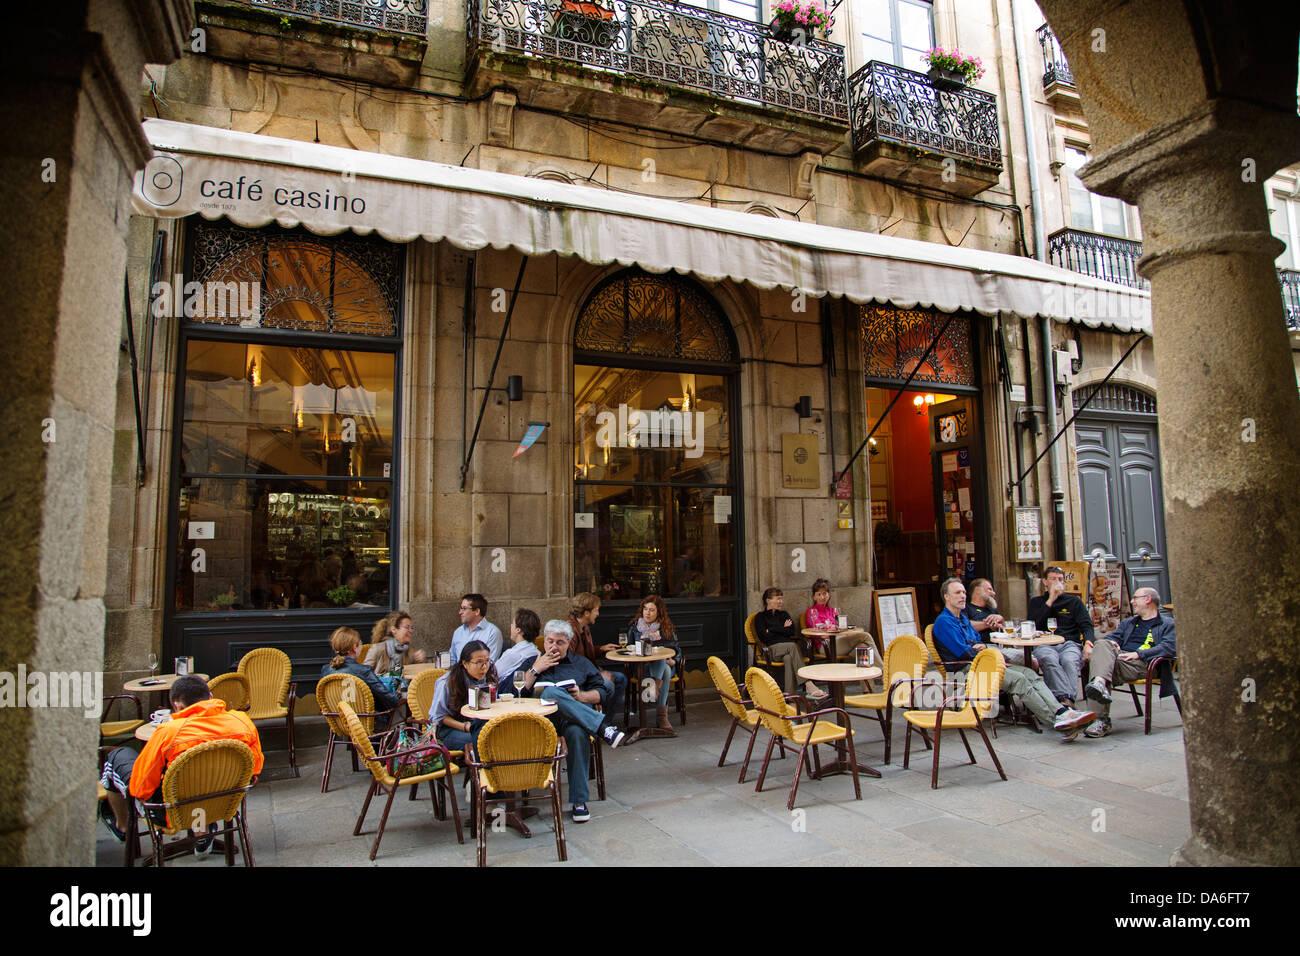 Cafe Casino Santiago de Compostela A Coruña Galicia Spain - Stock Image